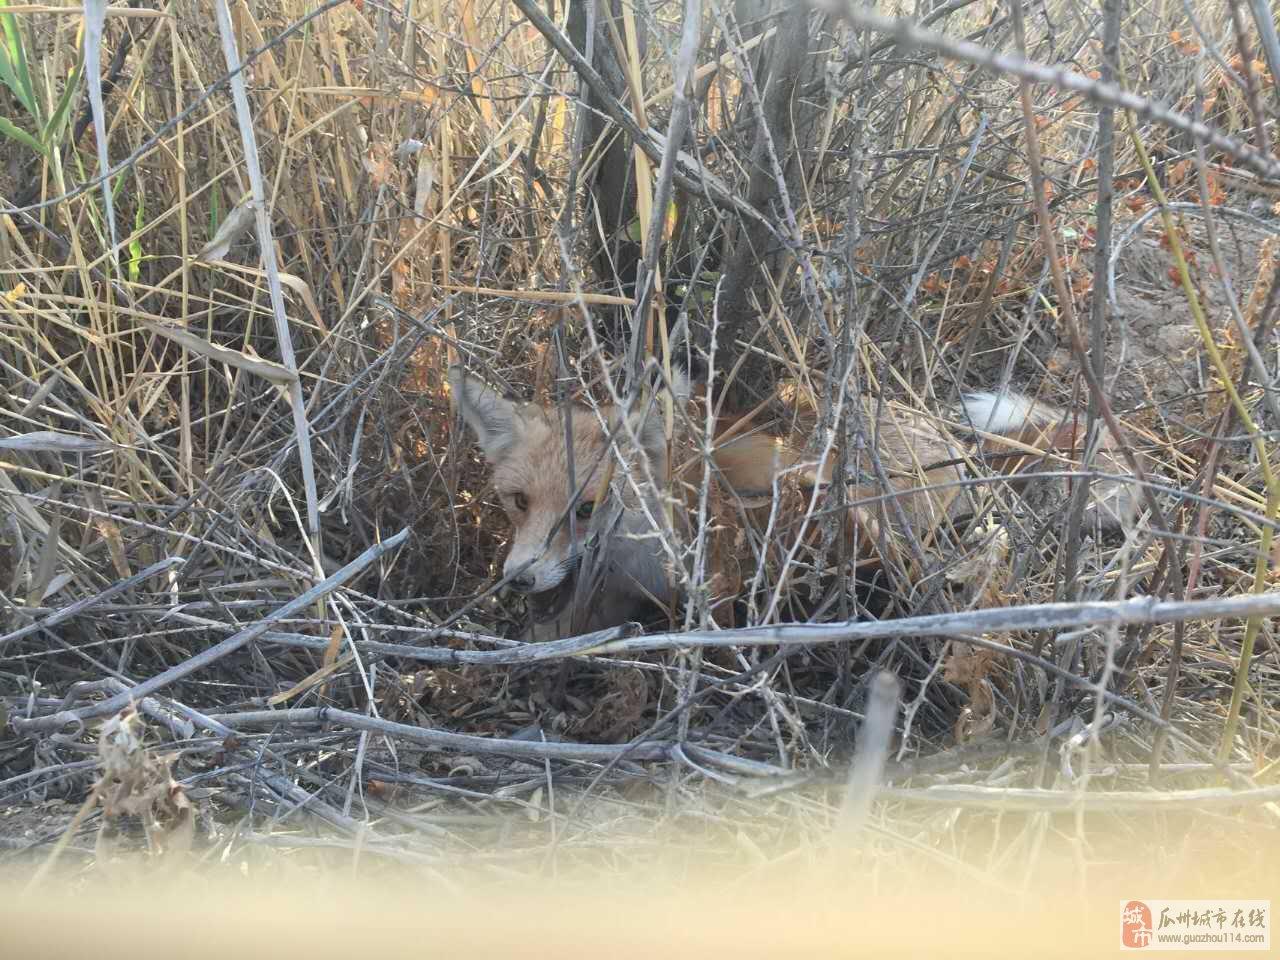 瓜州网友在郊外徒步,成功解救一只被猎人夹住的狐狸